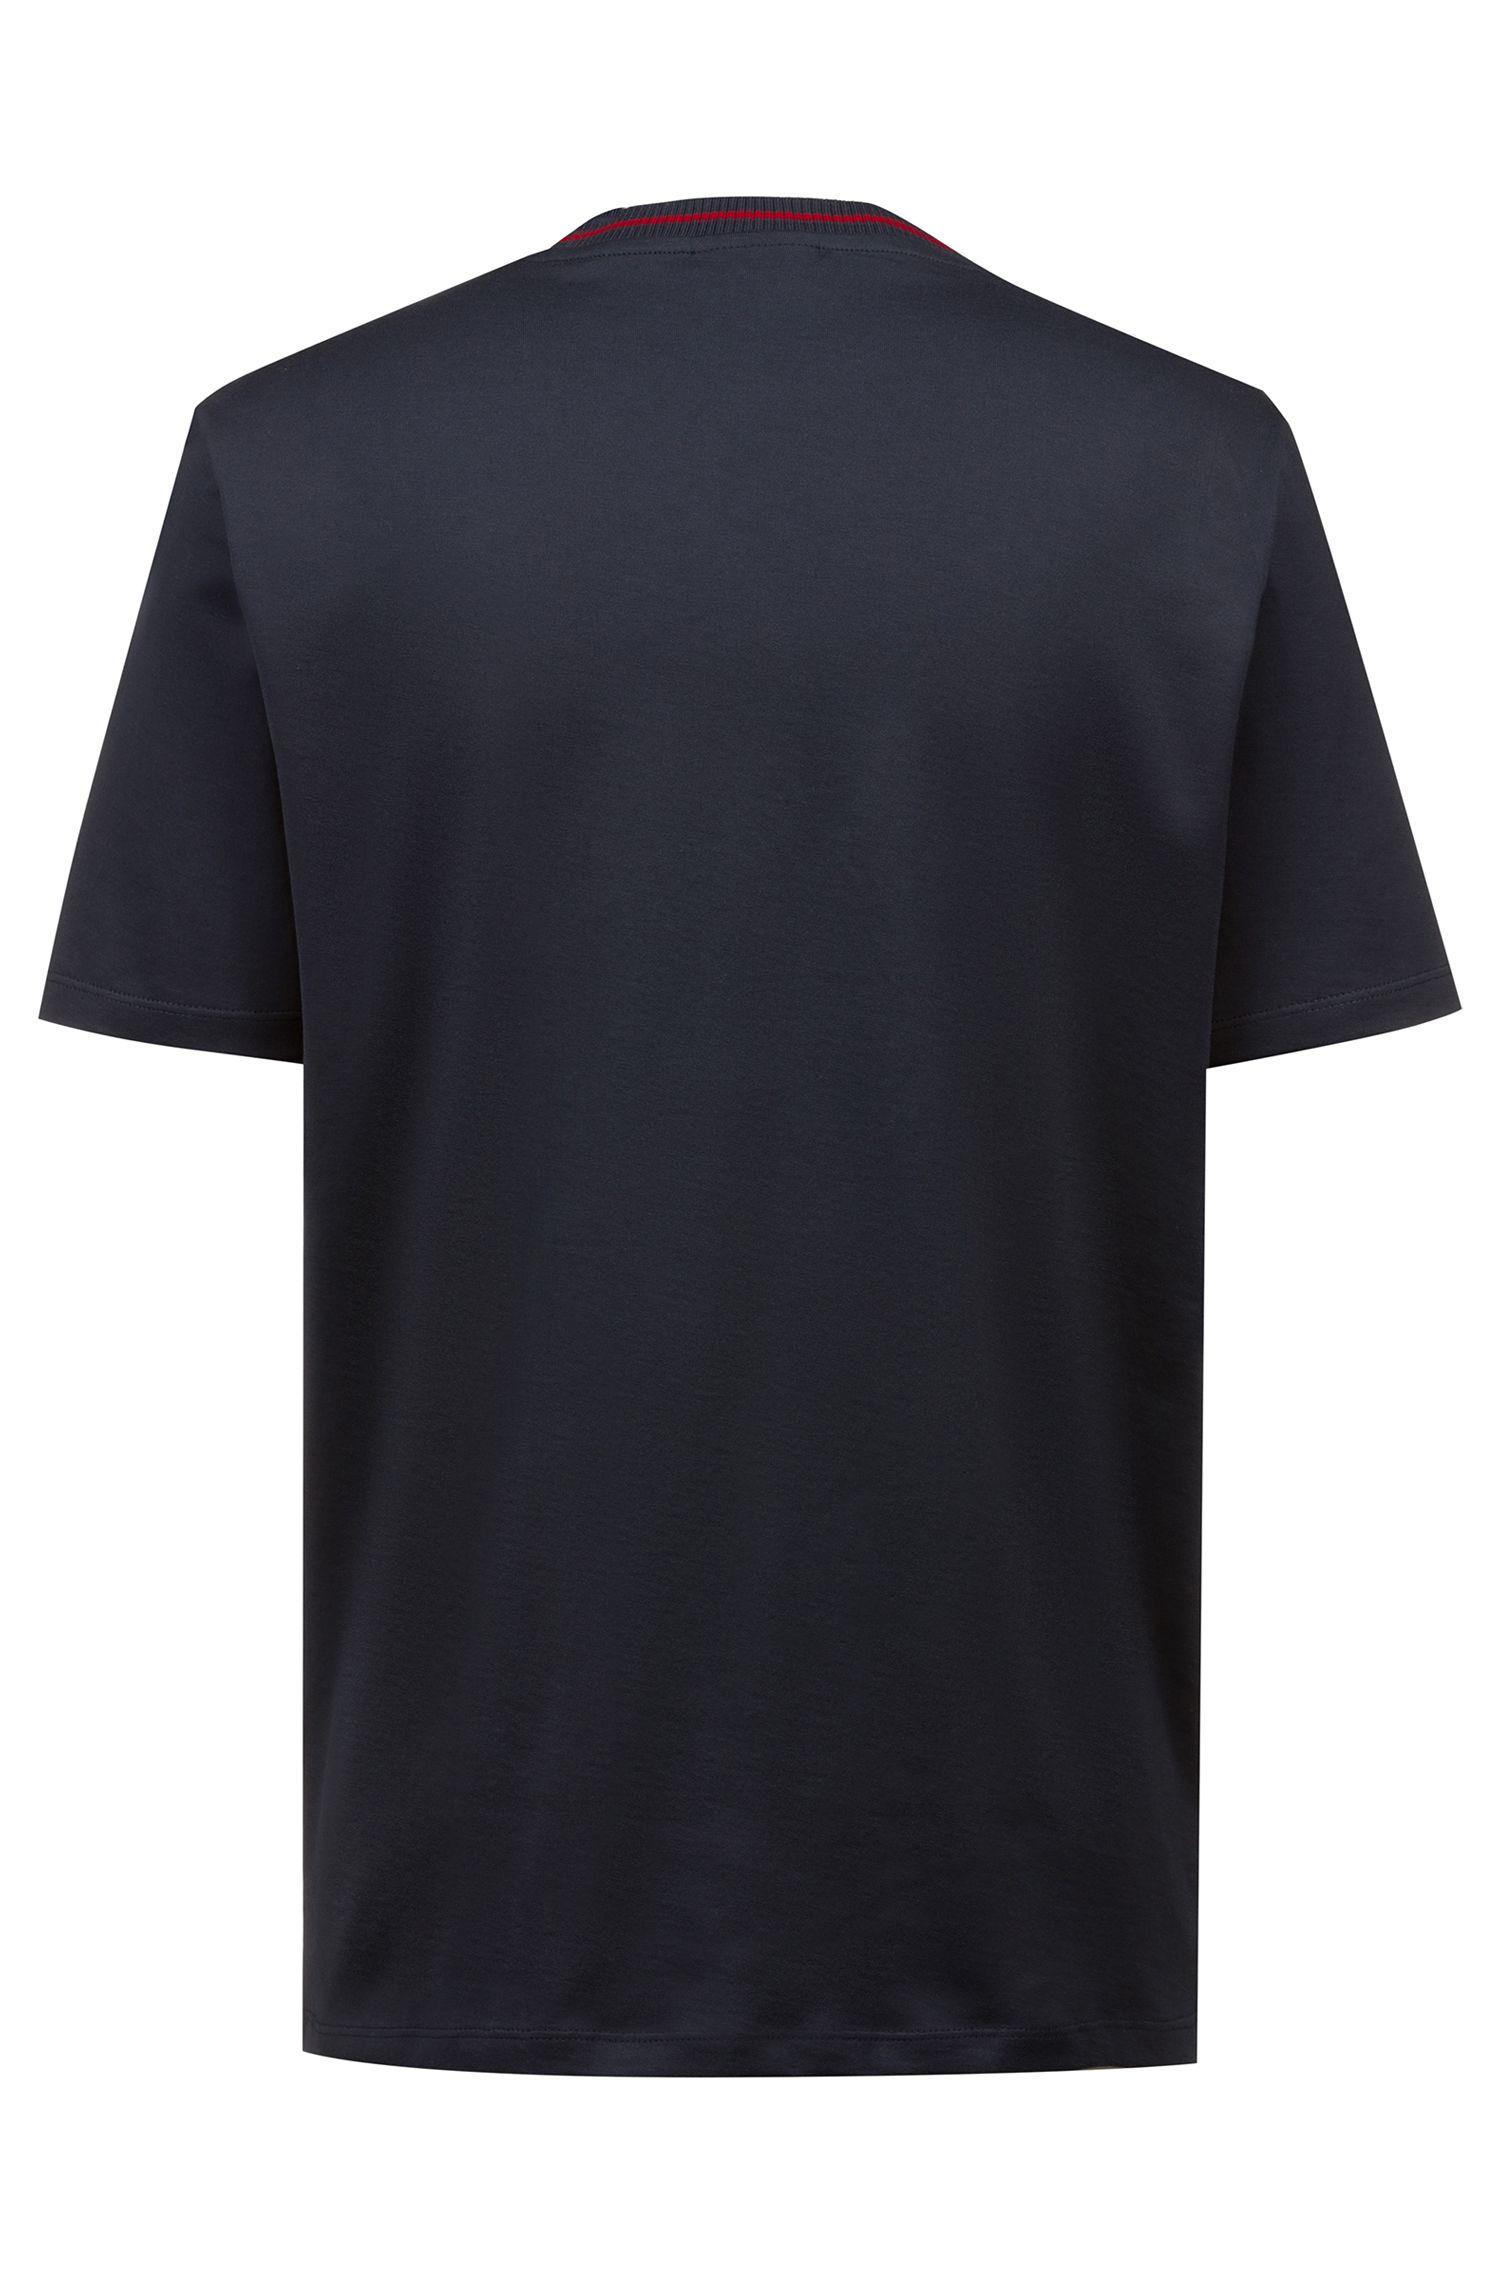 T-Shirt aus Baumwolle mit teilweise verdecktem Logo, Dunkelblau